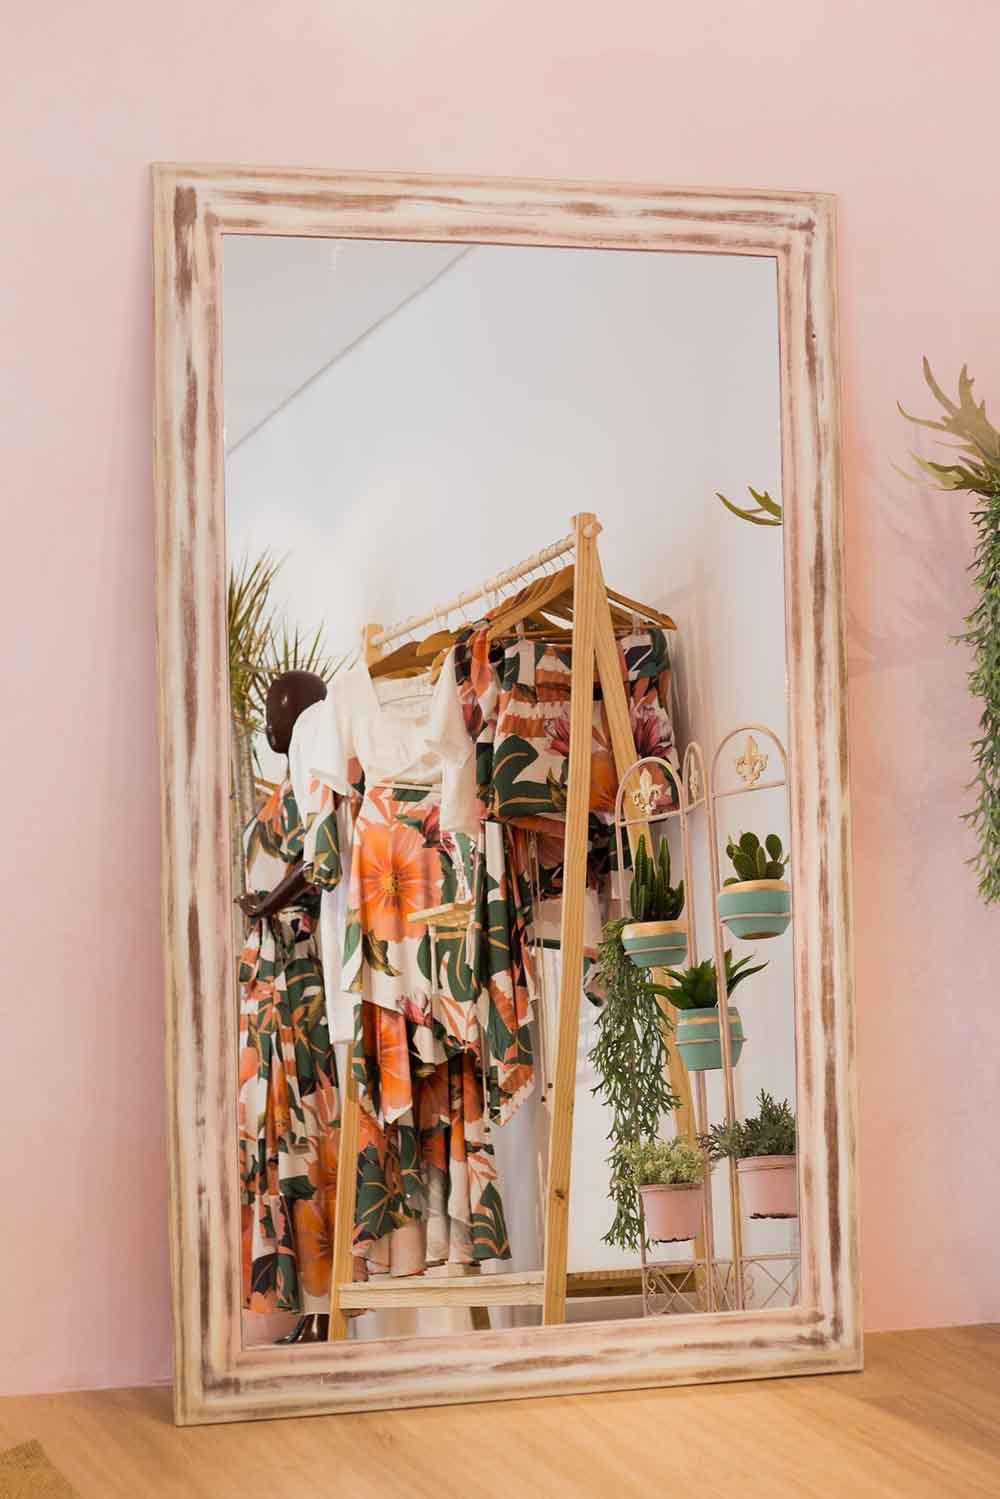 Garde-robe tendances mode 2021 vue en miroir